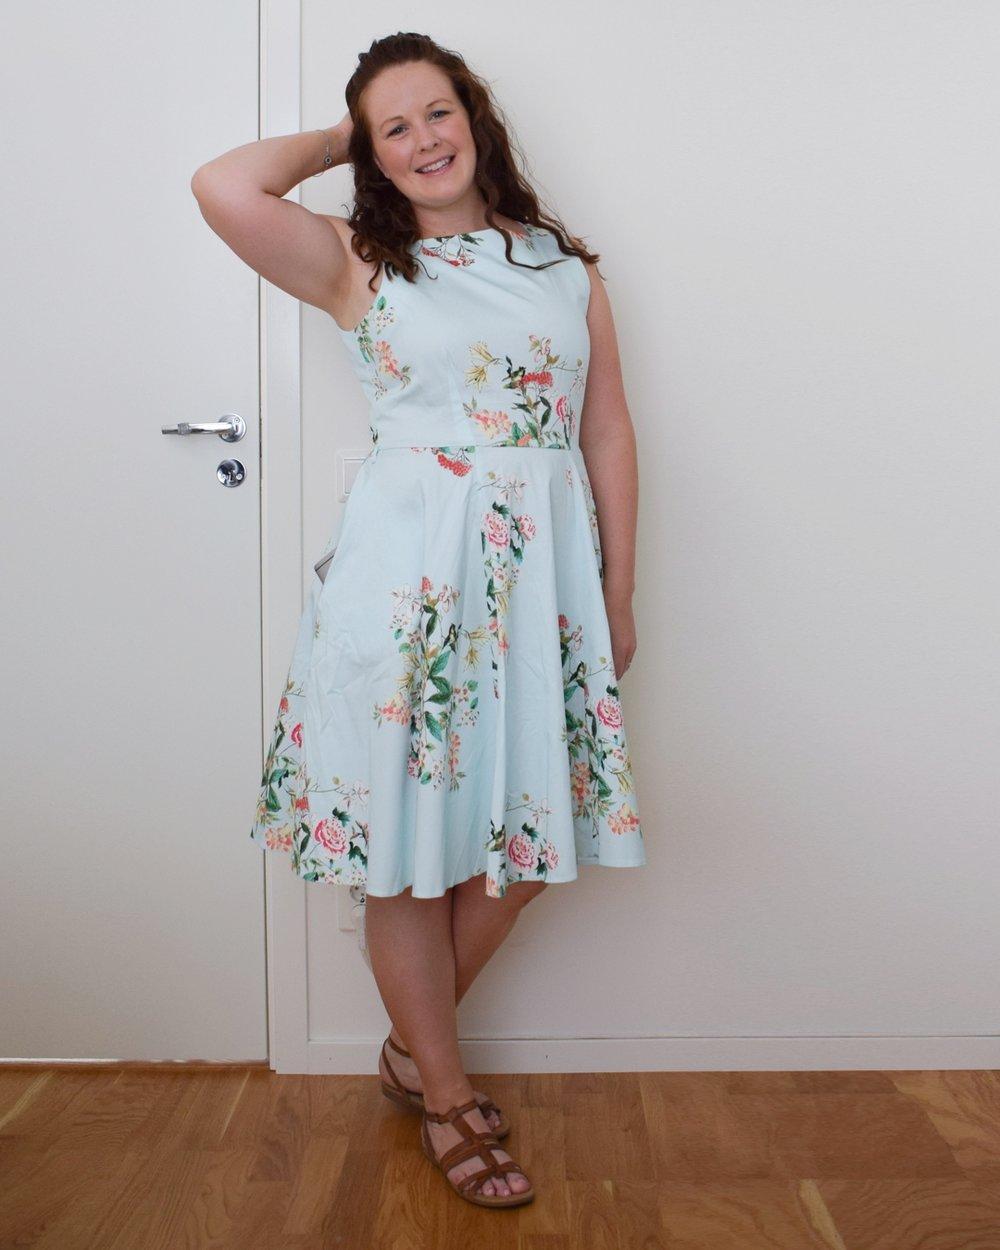 Älskar den här klänningen! Nu kan jag nog inte ha den på fler dop eller bröllop, men den är ju perfekt till midsommar till exempel. Länk (Zalando)